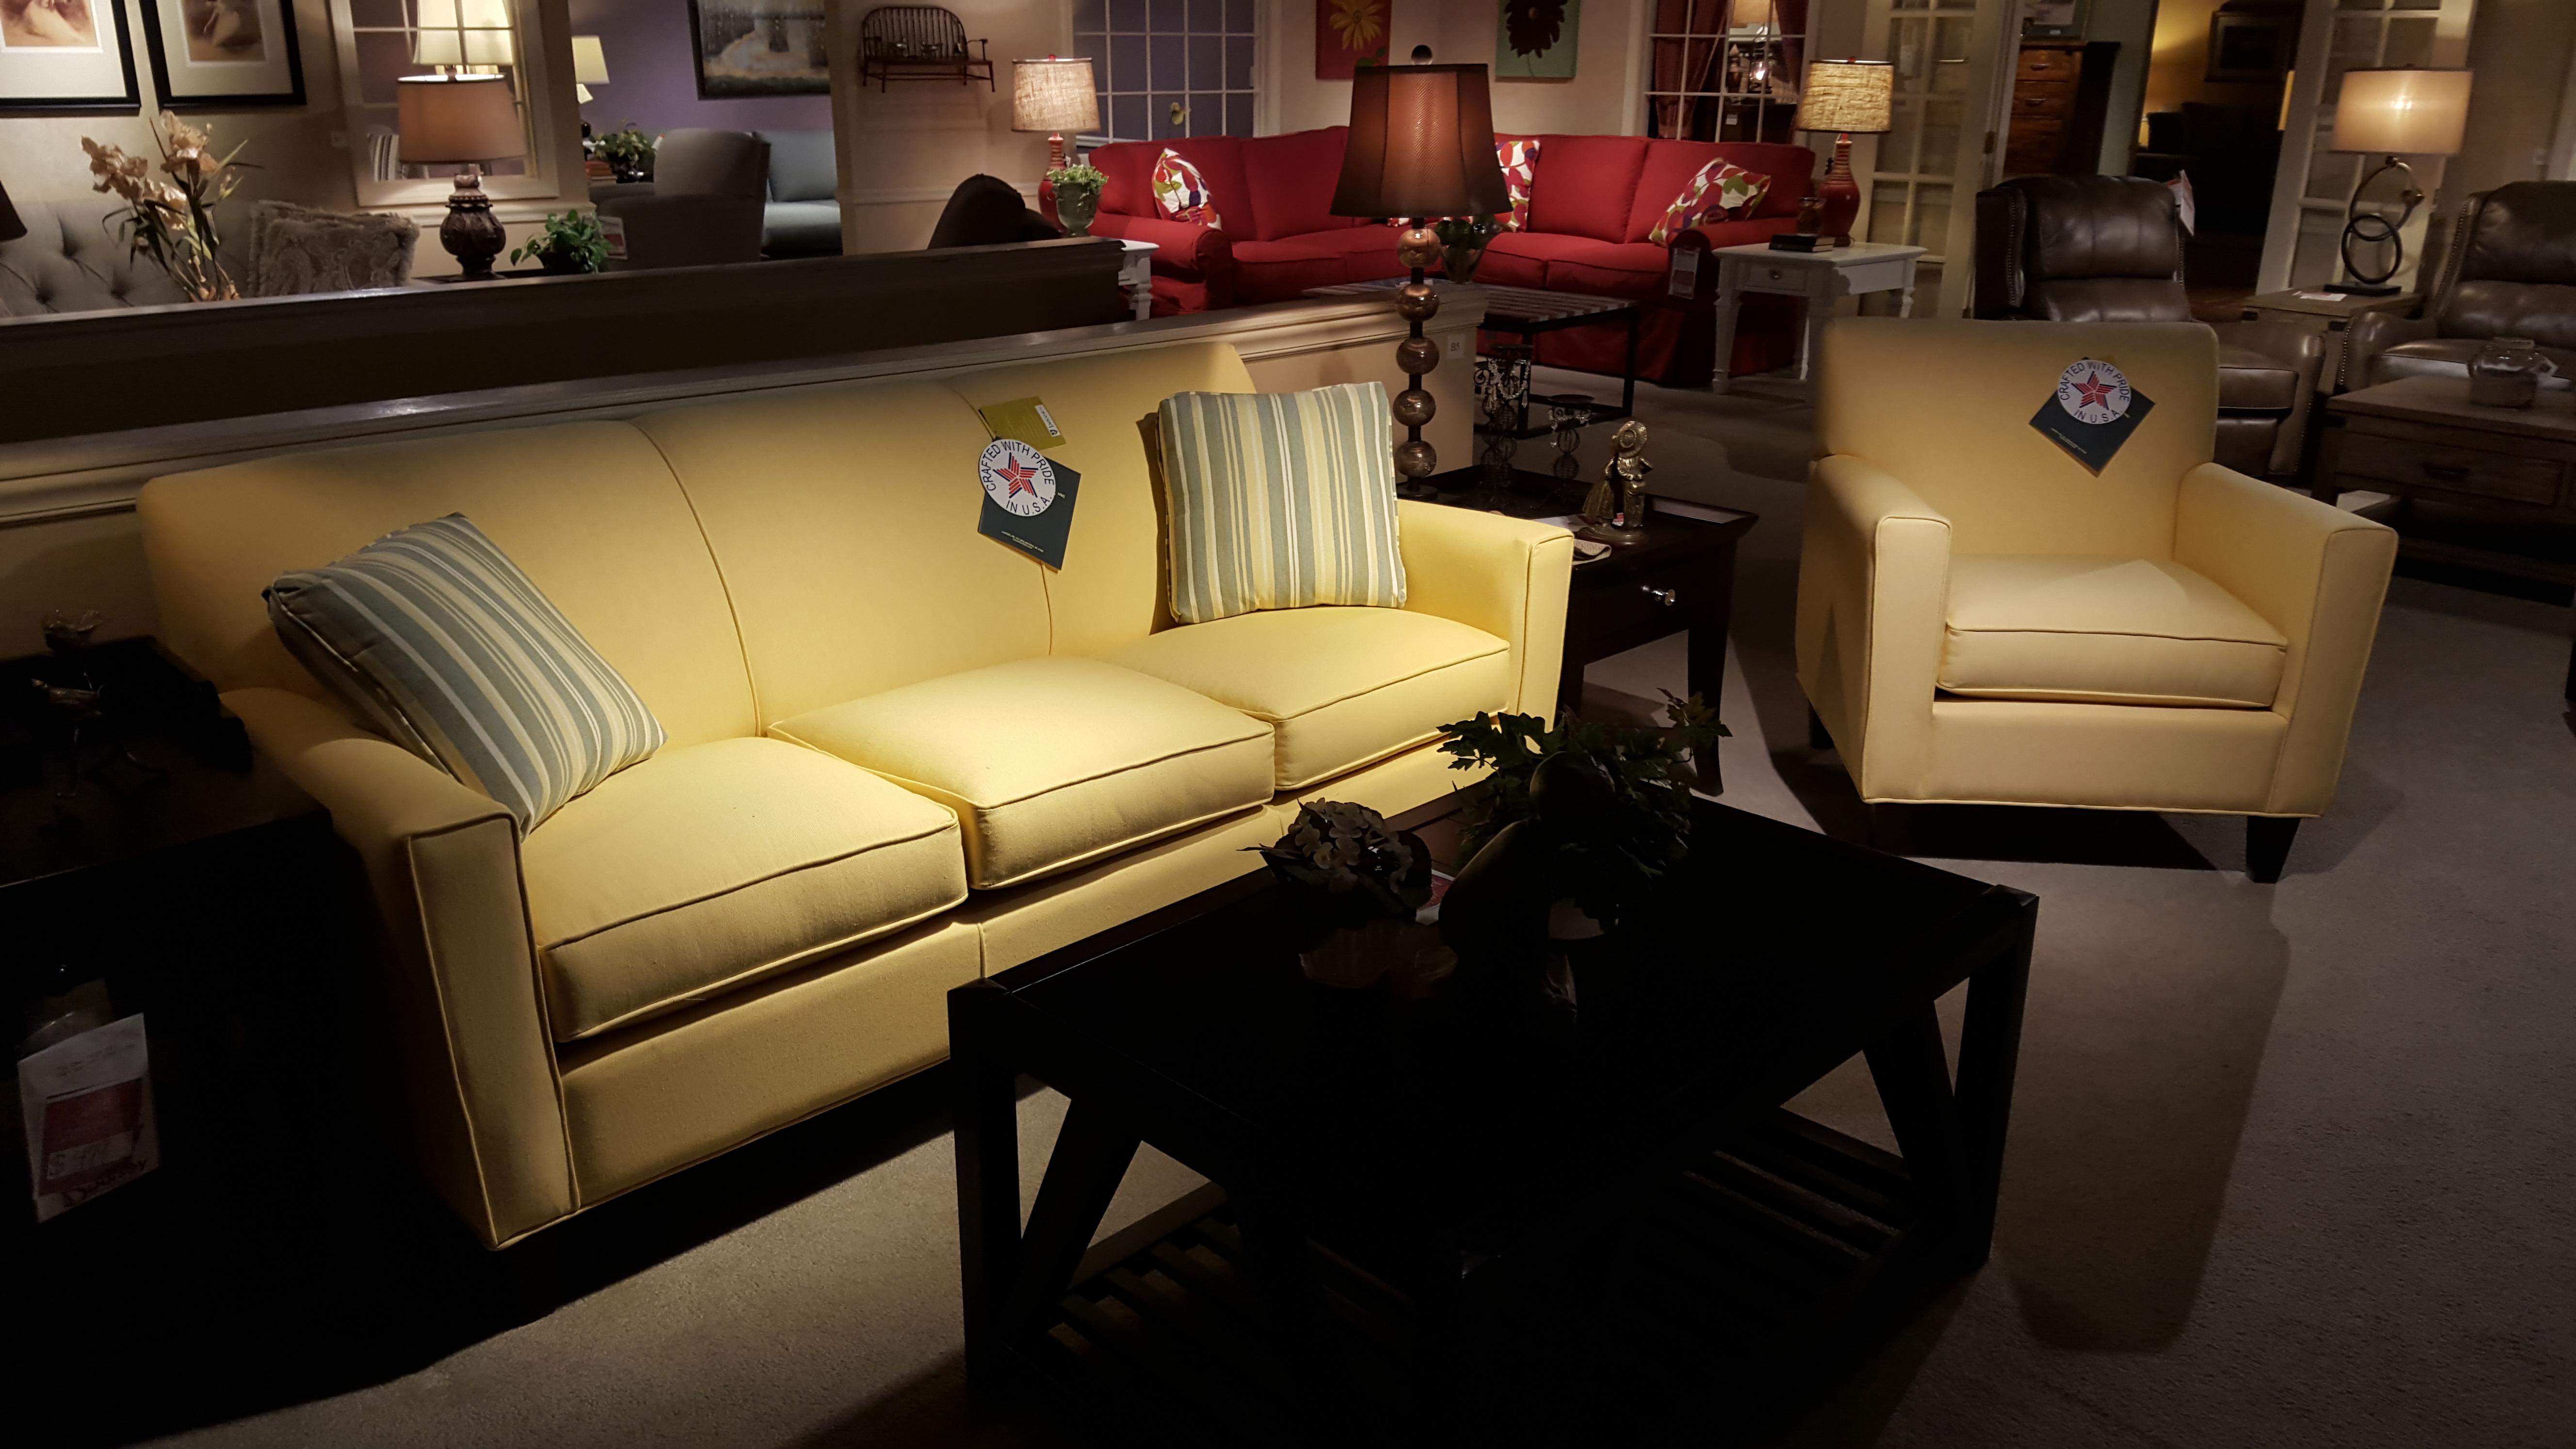 Lancer 480 Set Furniture Store Bangor Maine Living Room Dining Room Bedroom Sets Dorsey